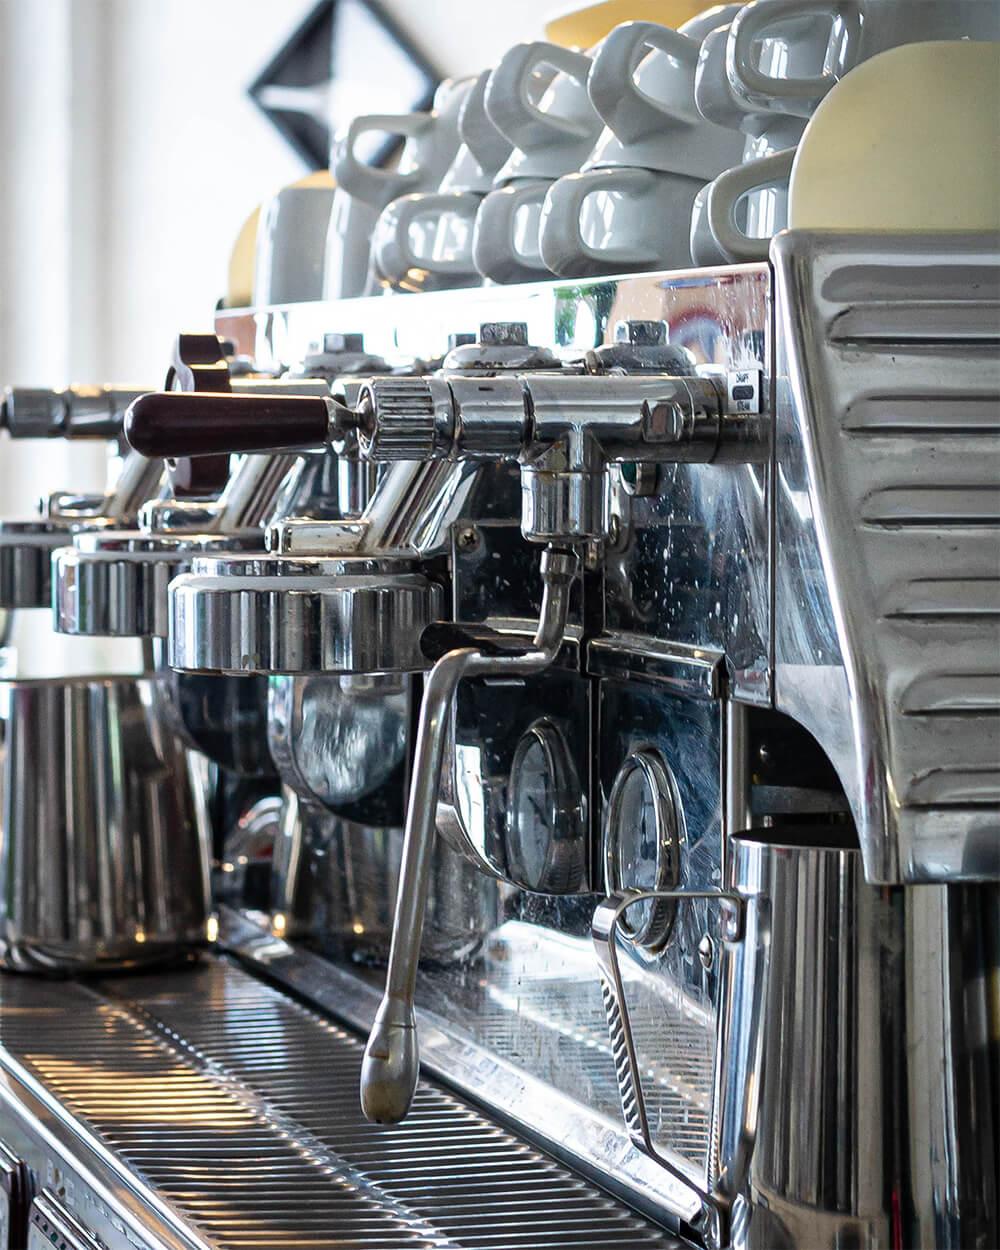 Wohlfühlen bei einer Tasse frisch aufgebrühtem Kaffee um GlücksCafé Auerbach.